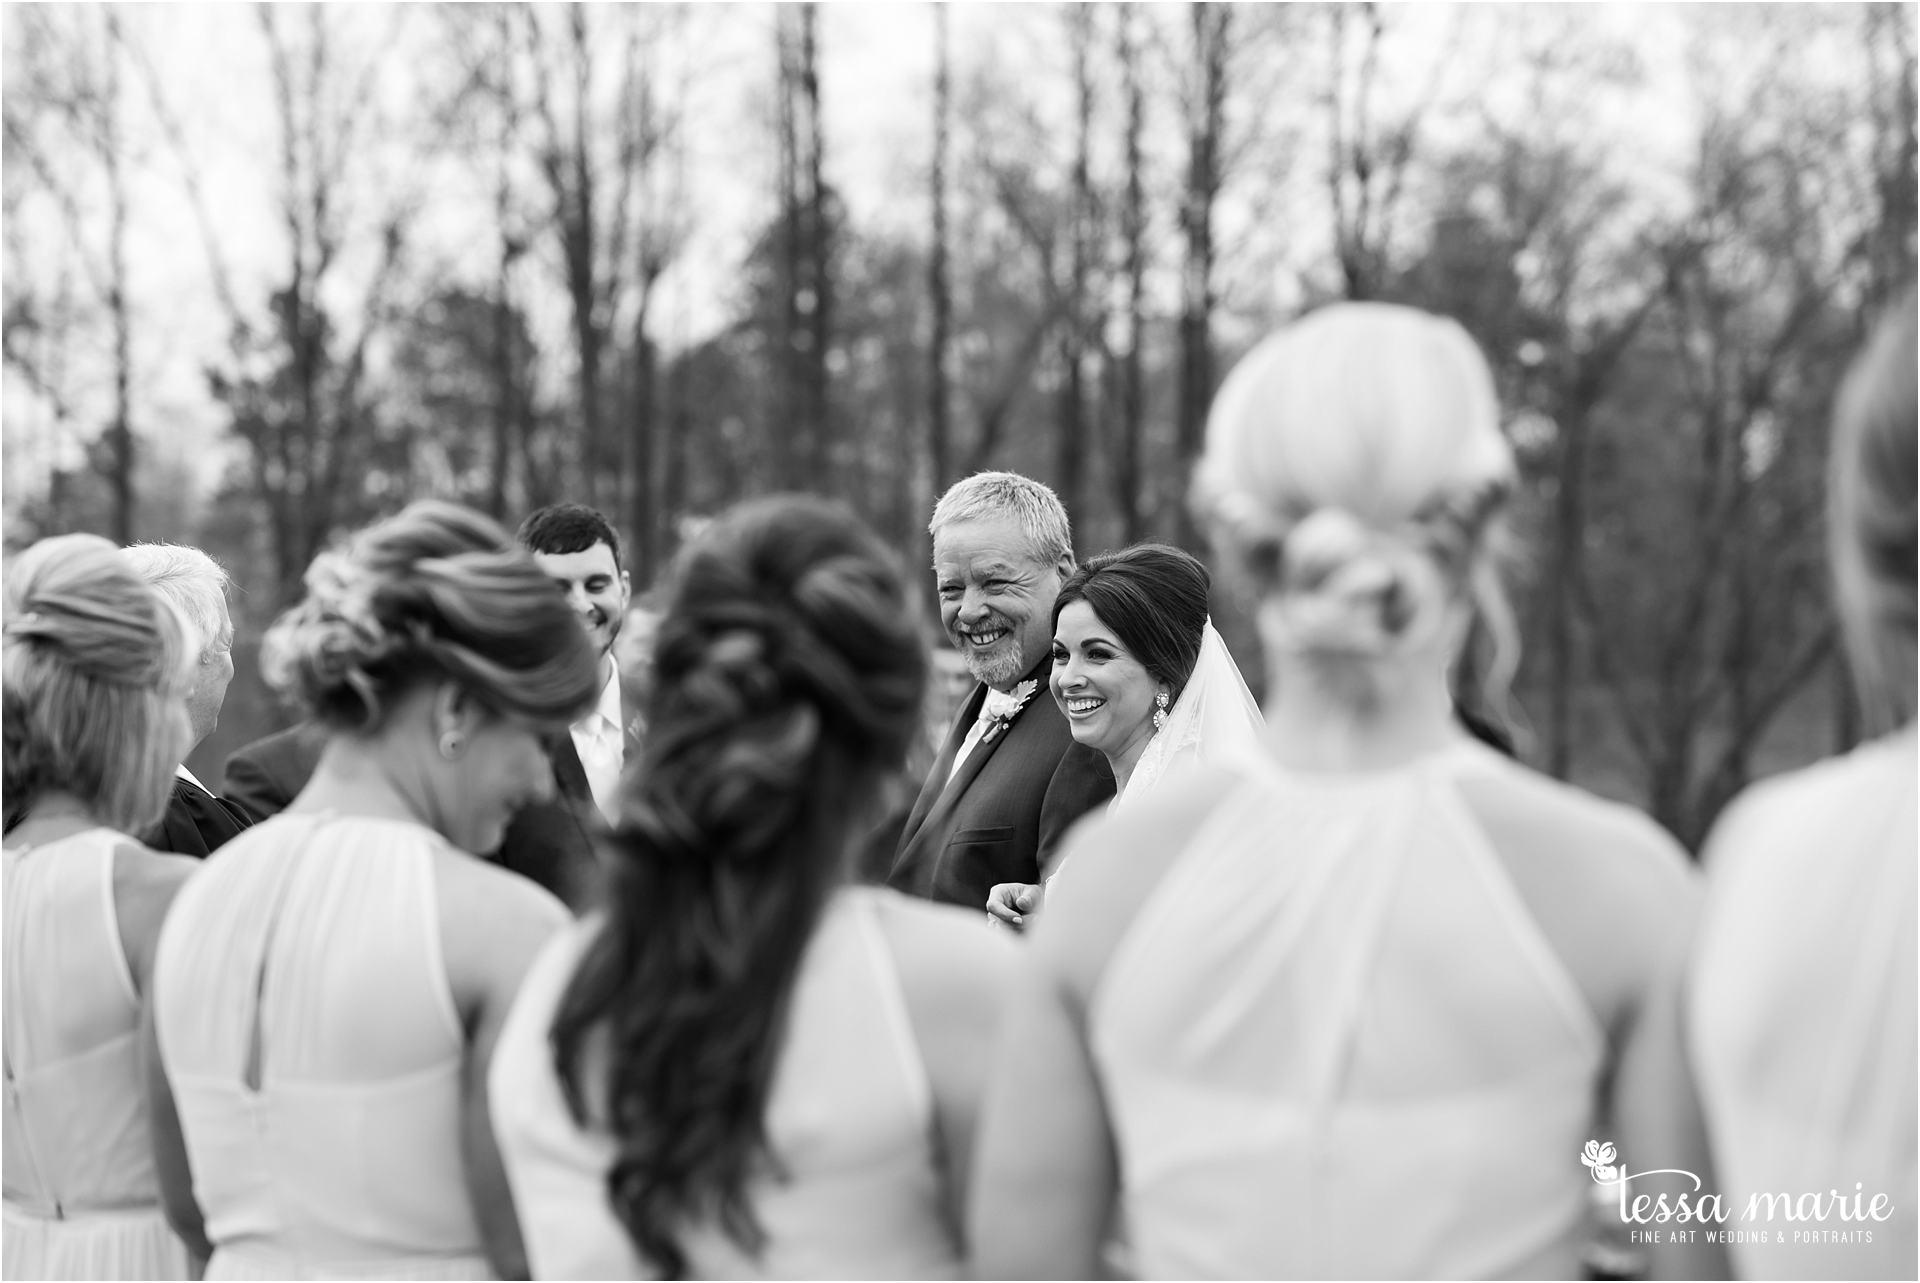 032216_brittany_kevin_wedding-113